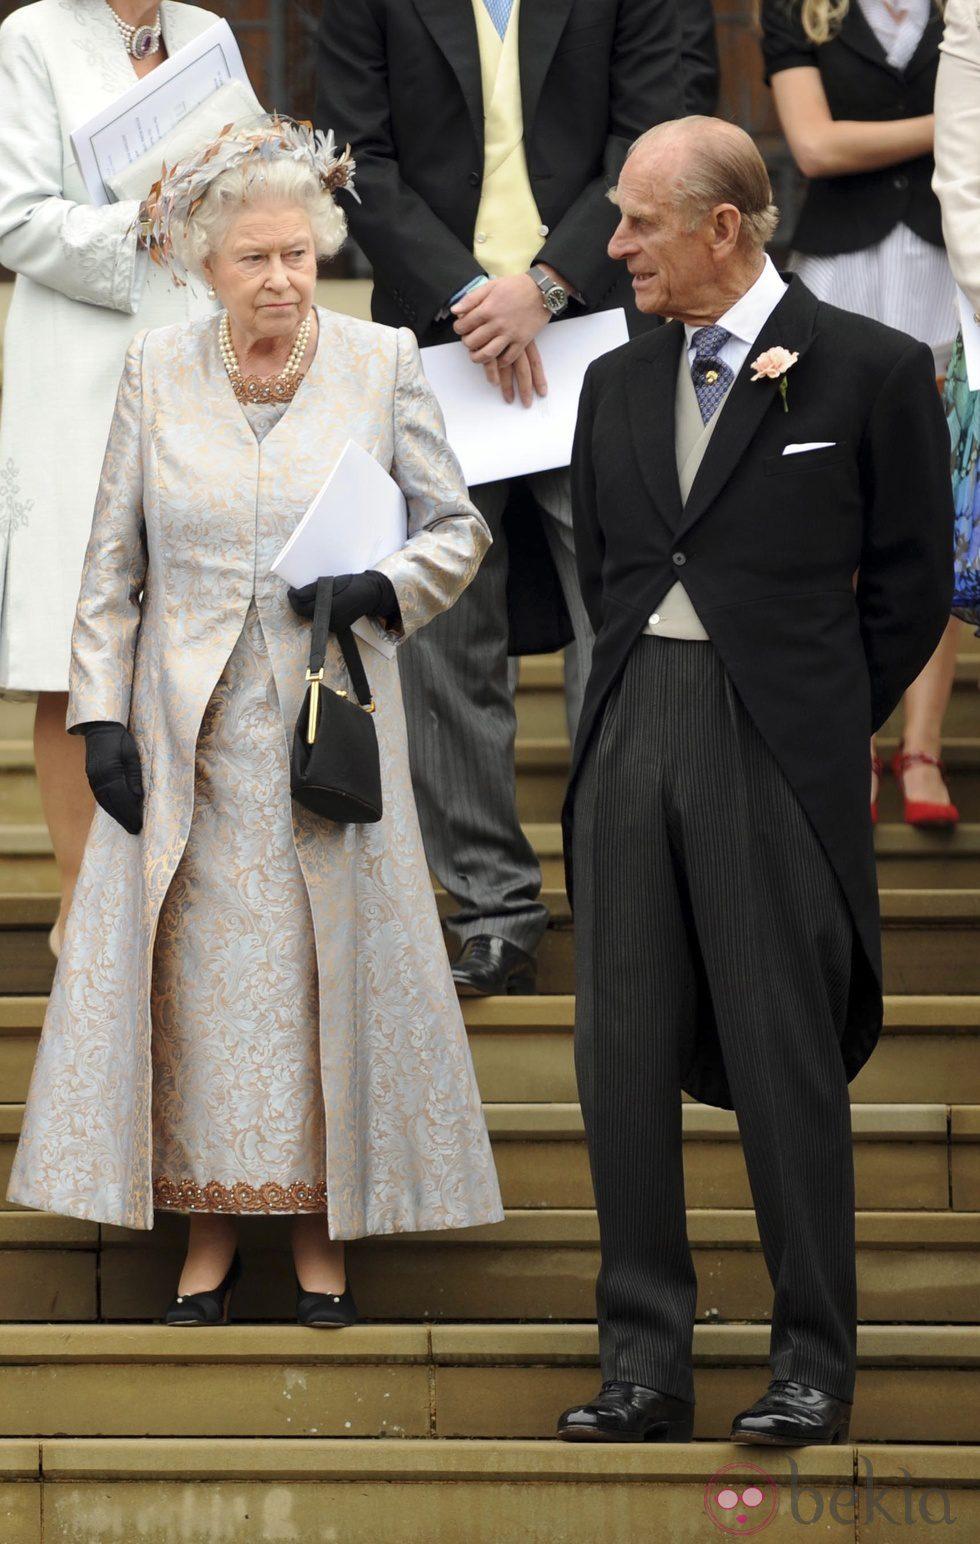 La Reina Isabel II y el Duque de Edimburgo en la boda de su nieto Peter Phillips en 2008